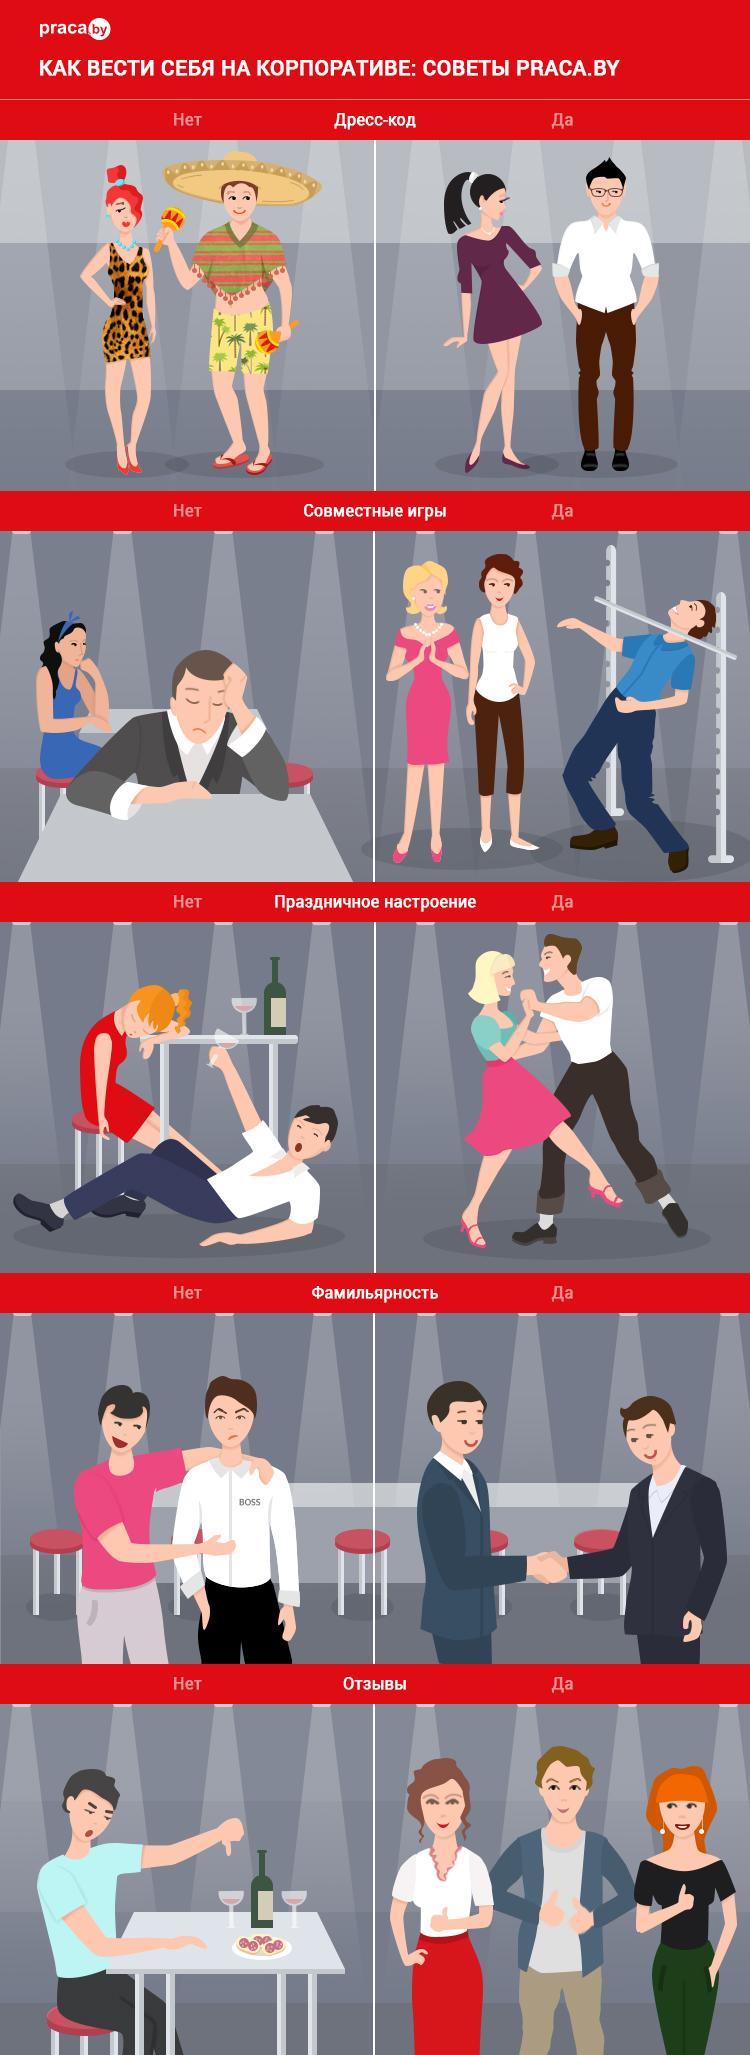 Инфографика_Как Вести Себя на Корпоративе